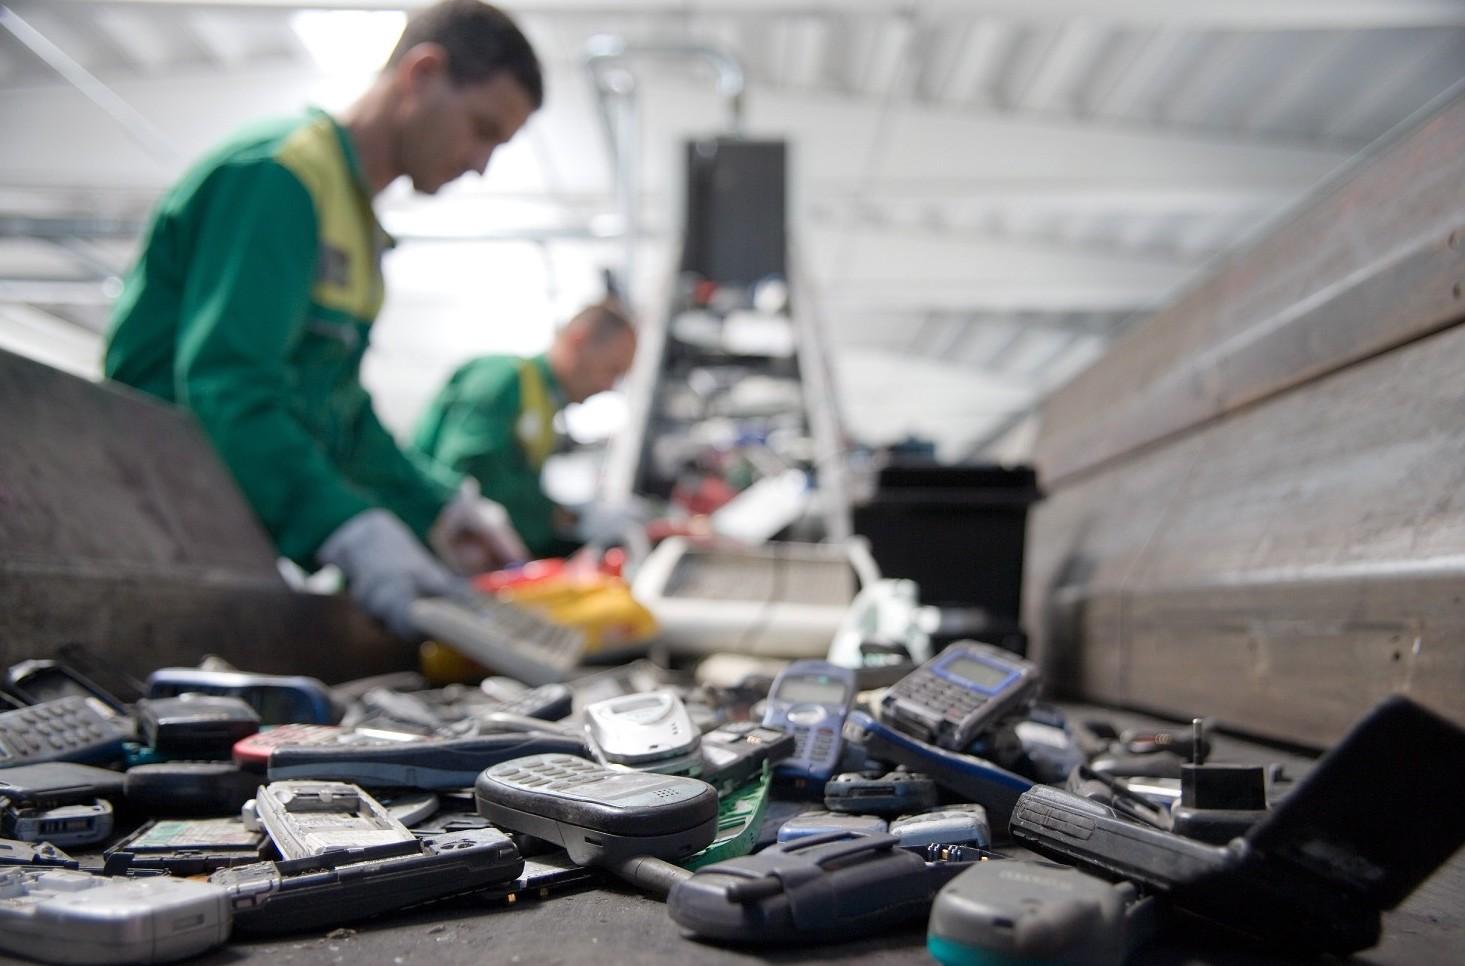 Come fare a smaltire rifiuti elettronici